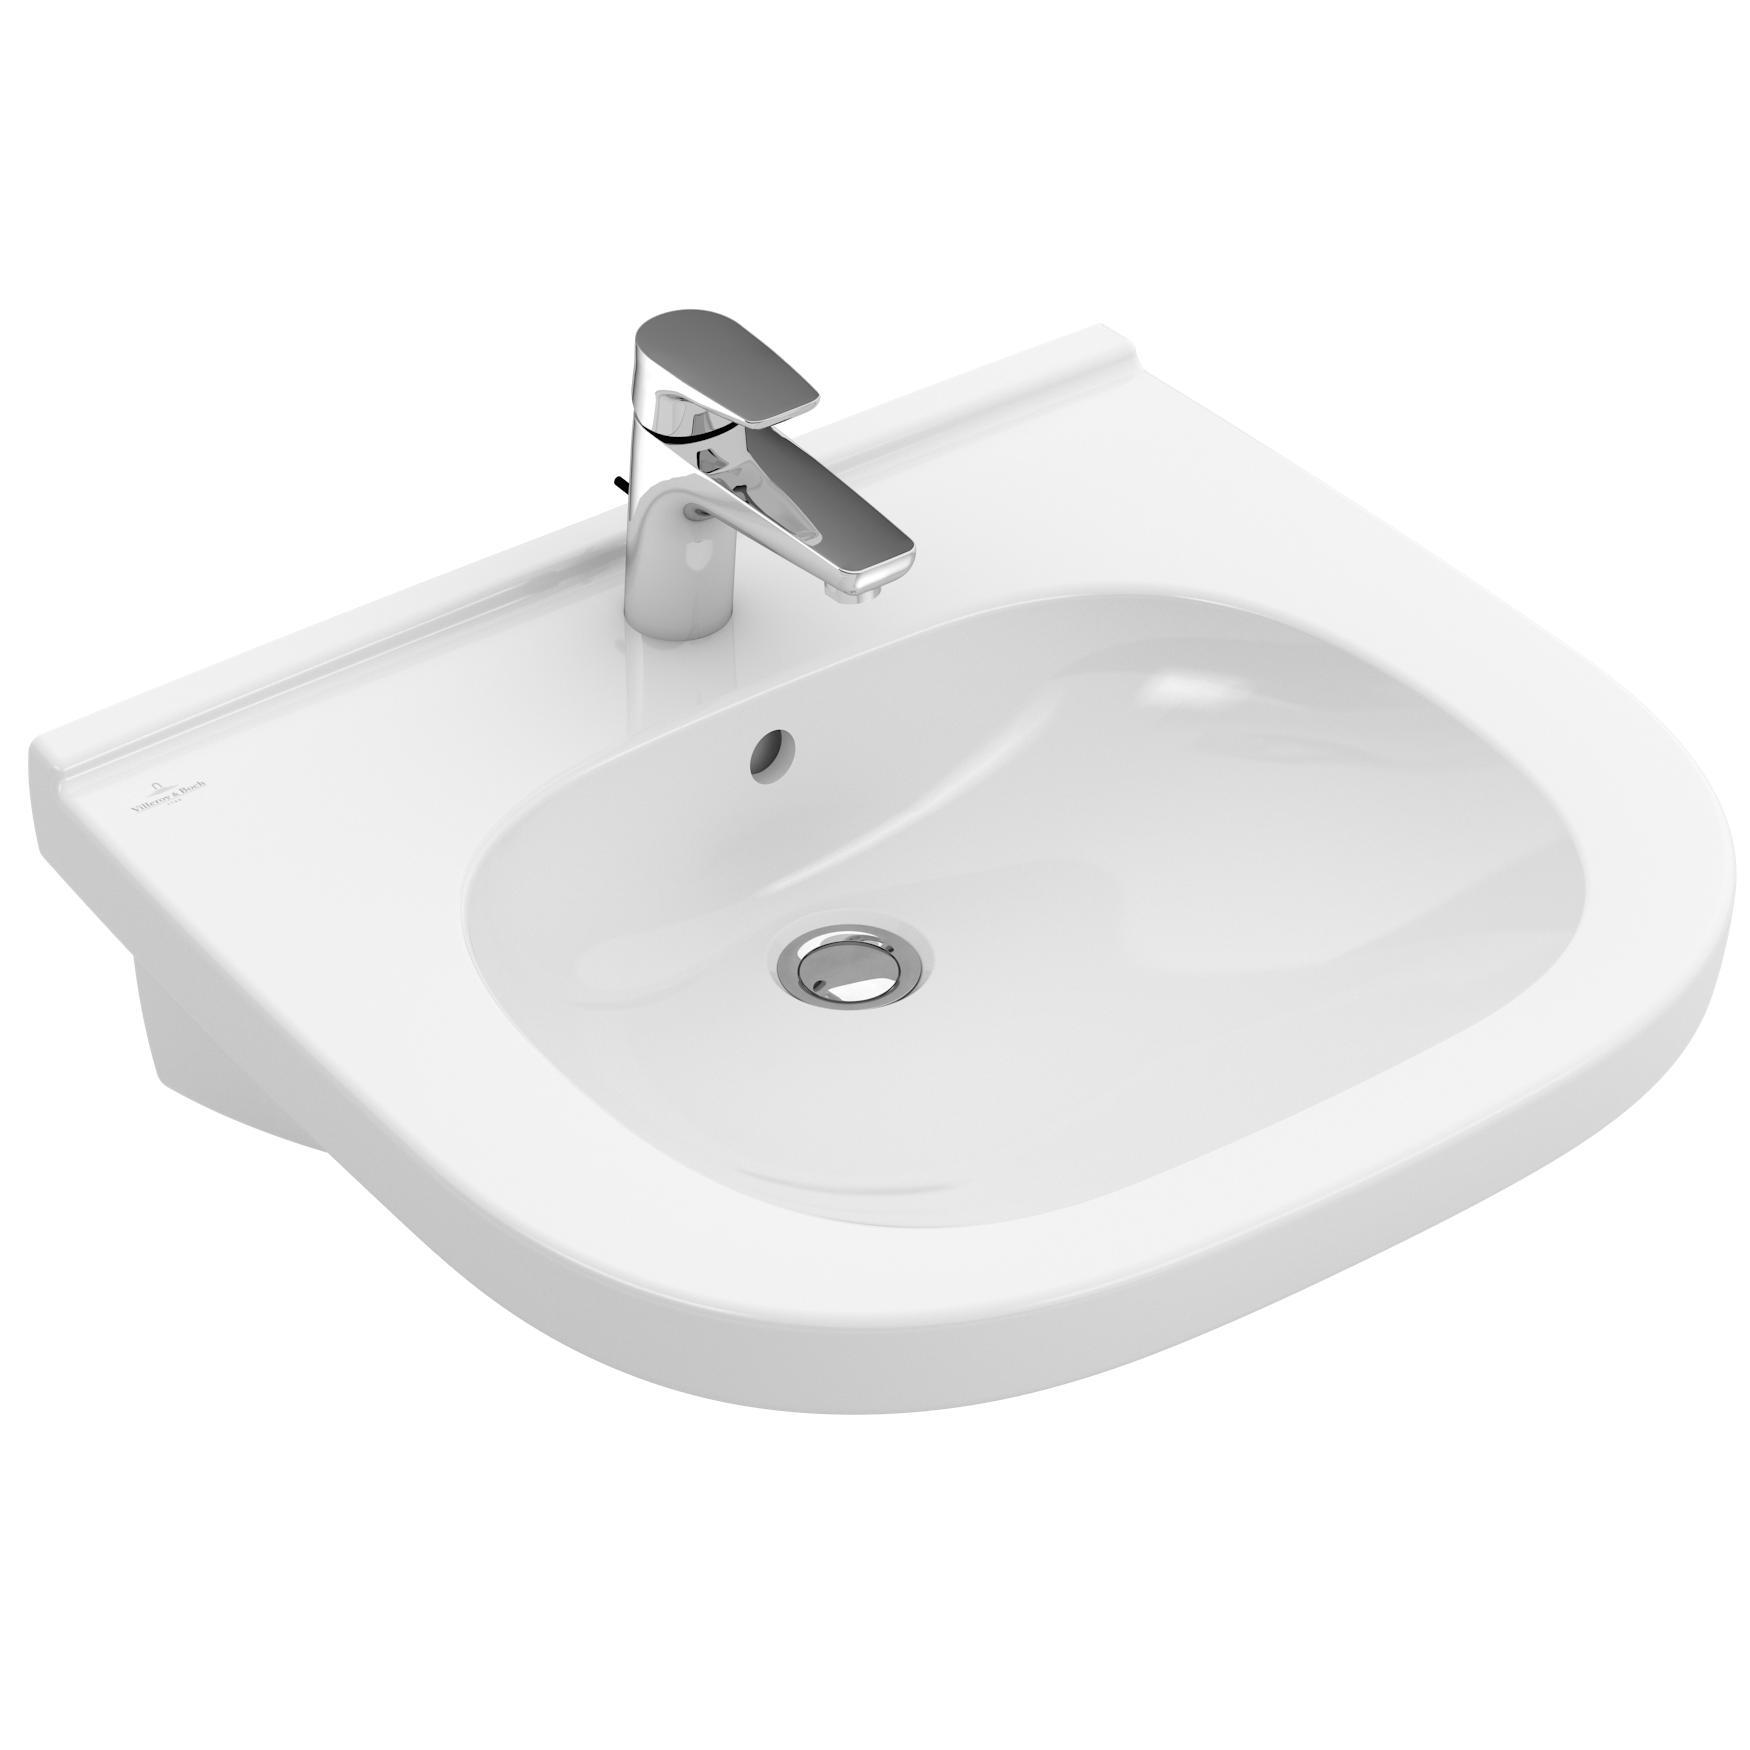 Tvättställ Villeroy & Boch O.novo Vita Ovalt